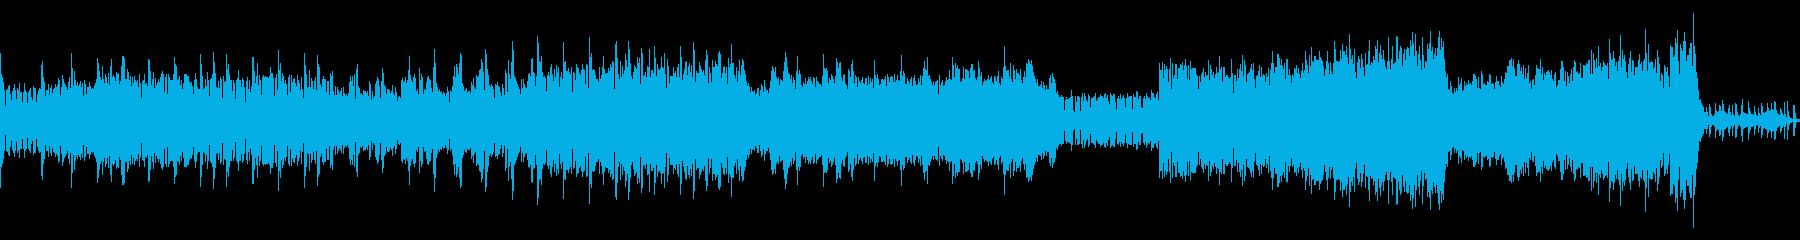 途方もなく壮大なピクセル音楽。ビデ...の再生済みの波形